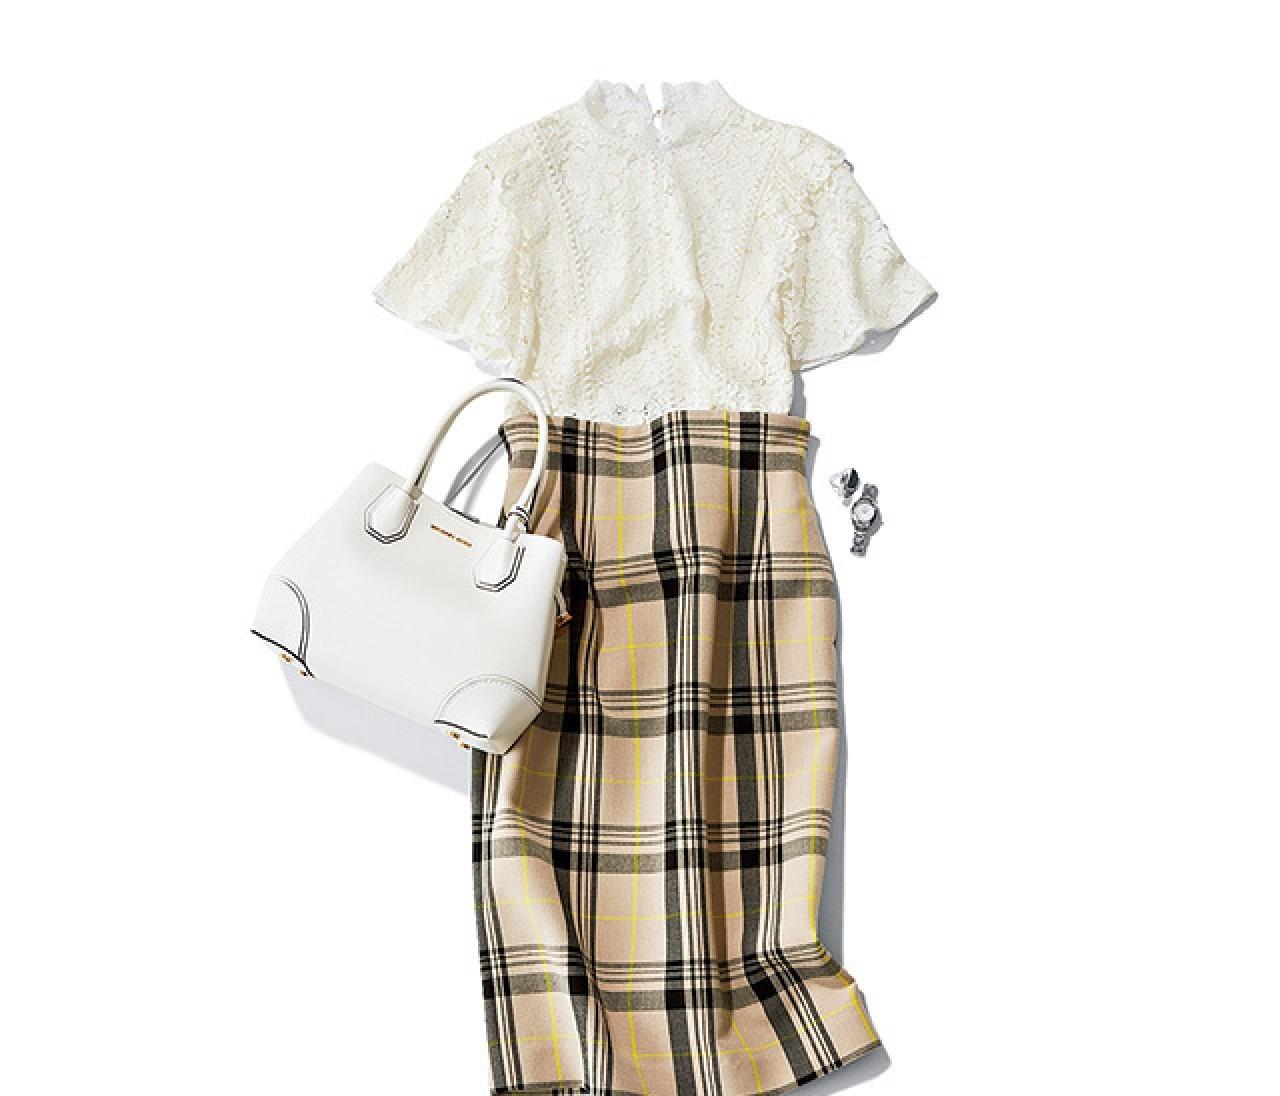 大事なプレゼンの日は、好印象コンビの洗練スカートスタイル♡【2018/8/6のコーデ】